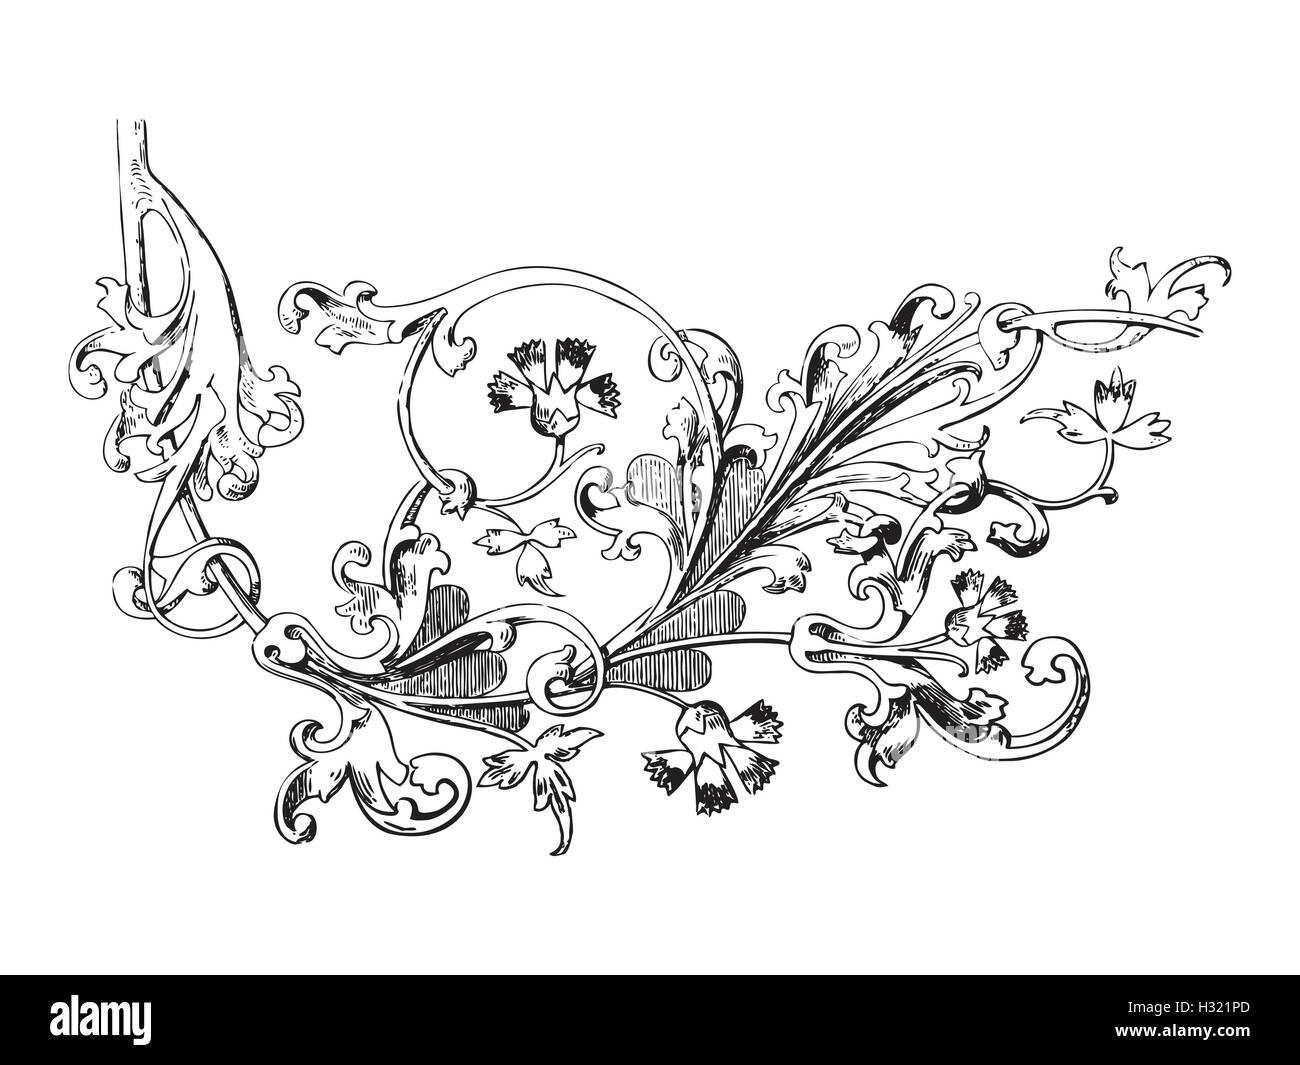 Disegnata A Mano Illustrazione Di Ramoscello Con Fiori E Foglie